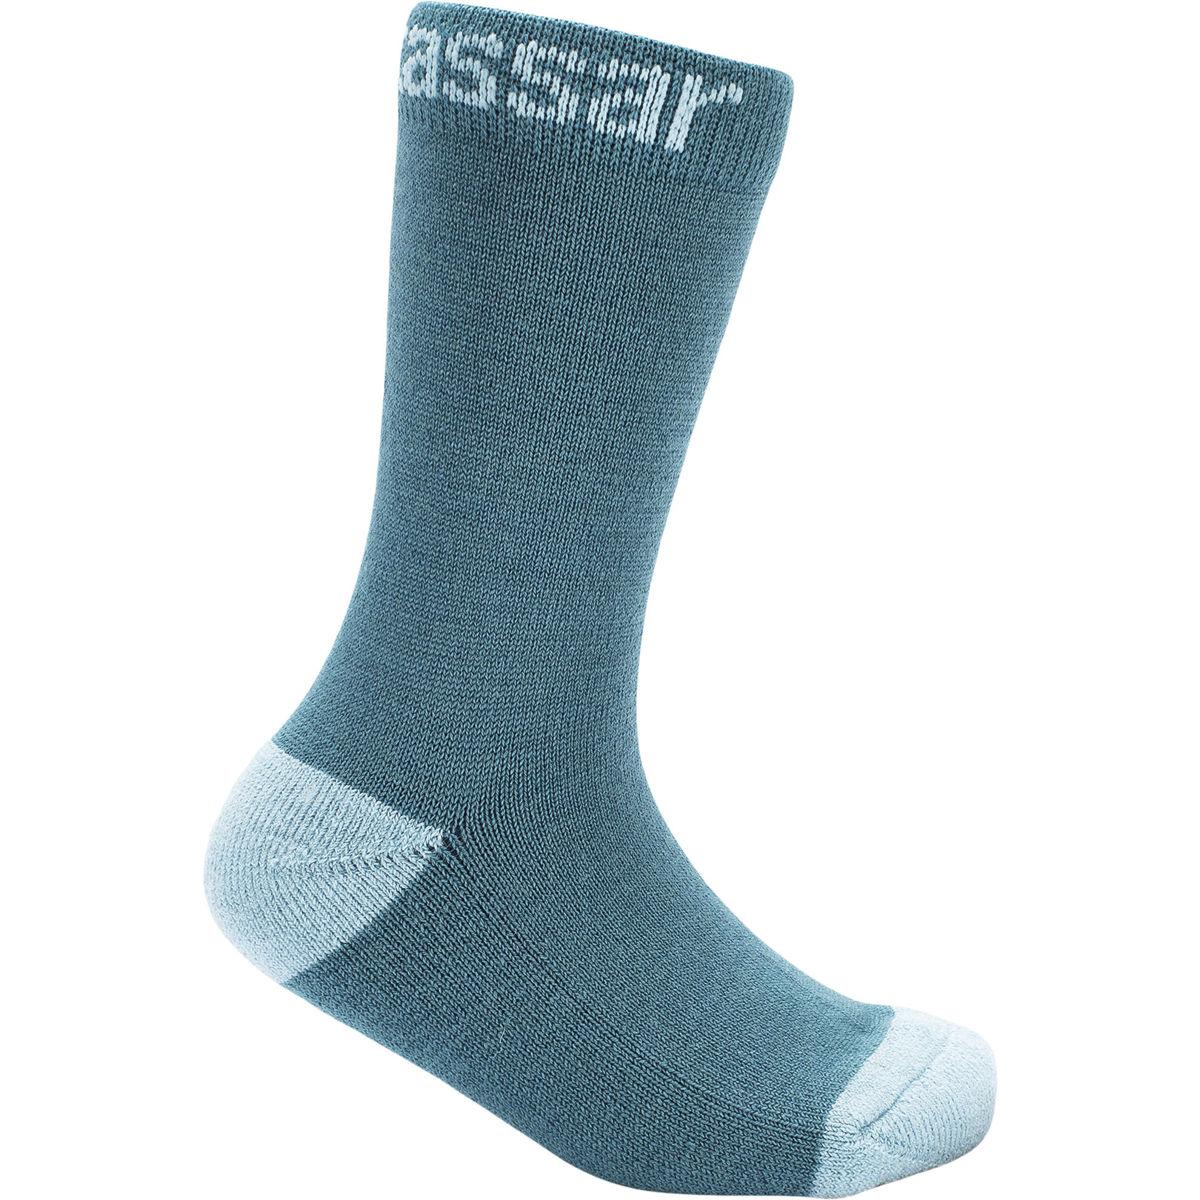 Bilde av 2PK Vossatassar Wool Socks TEAL 411064